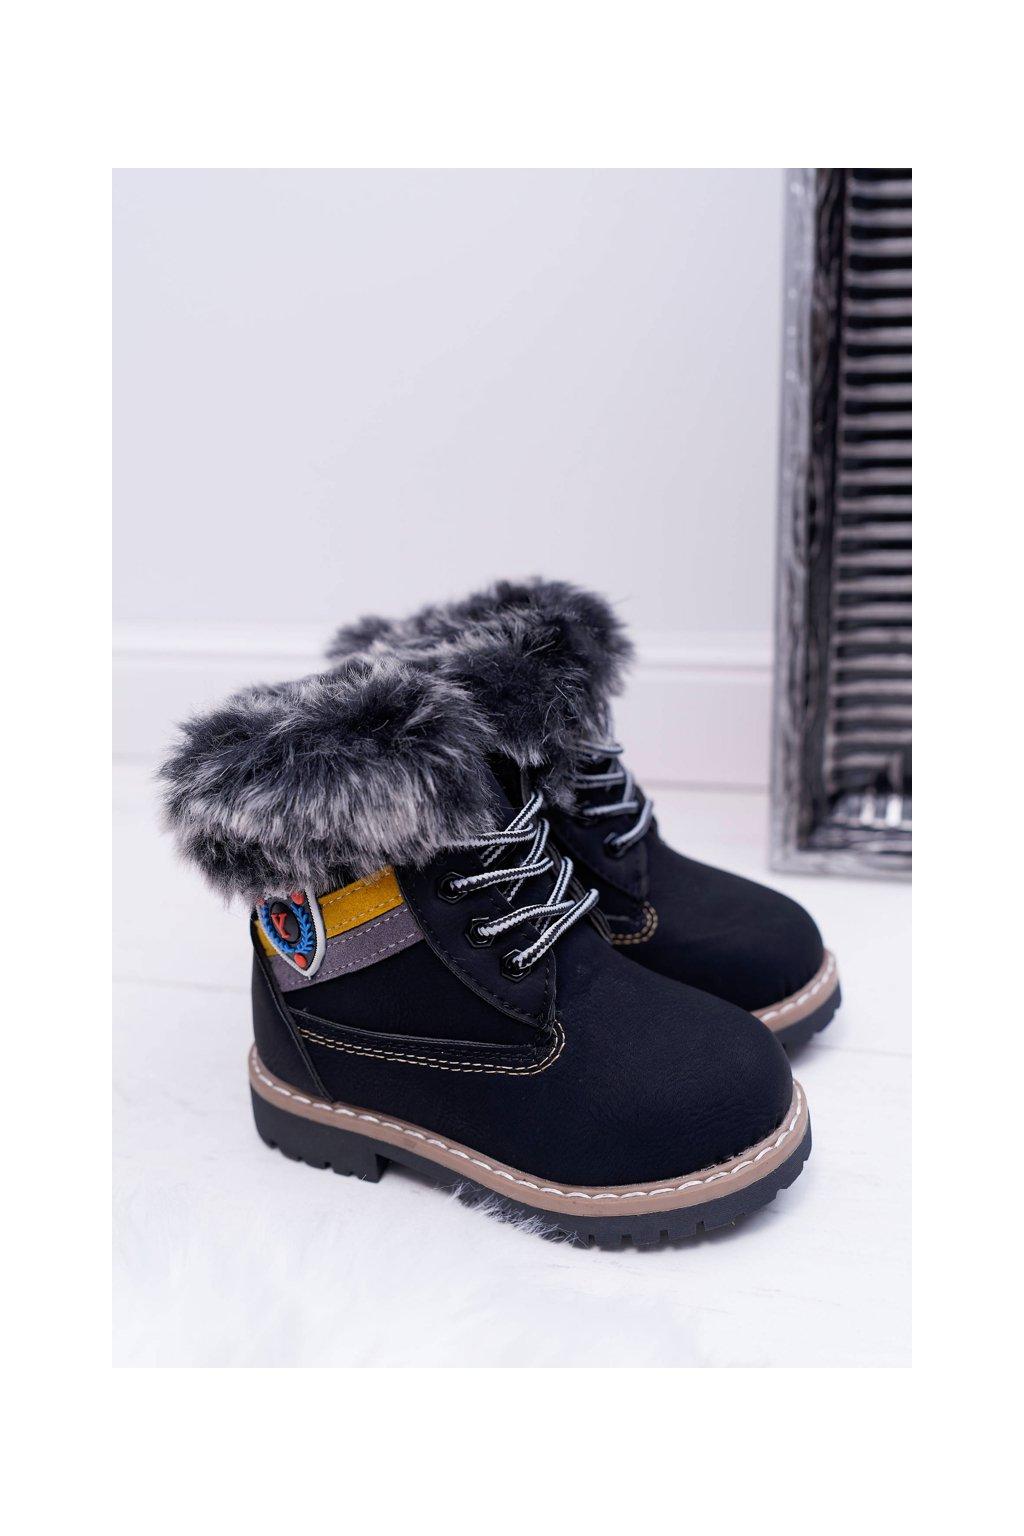 Detské Chlapčenské  topánky Teplé čierne Cobi